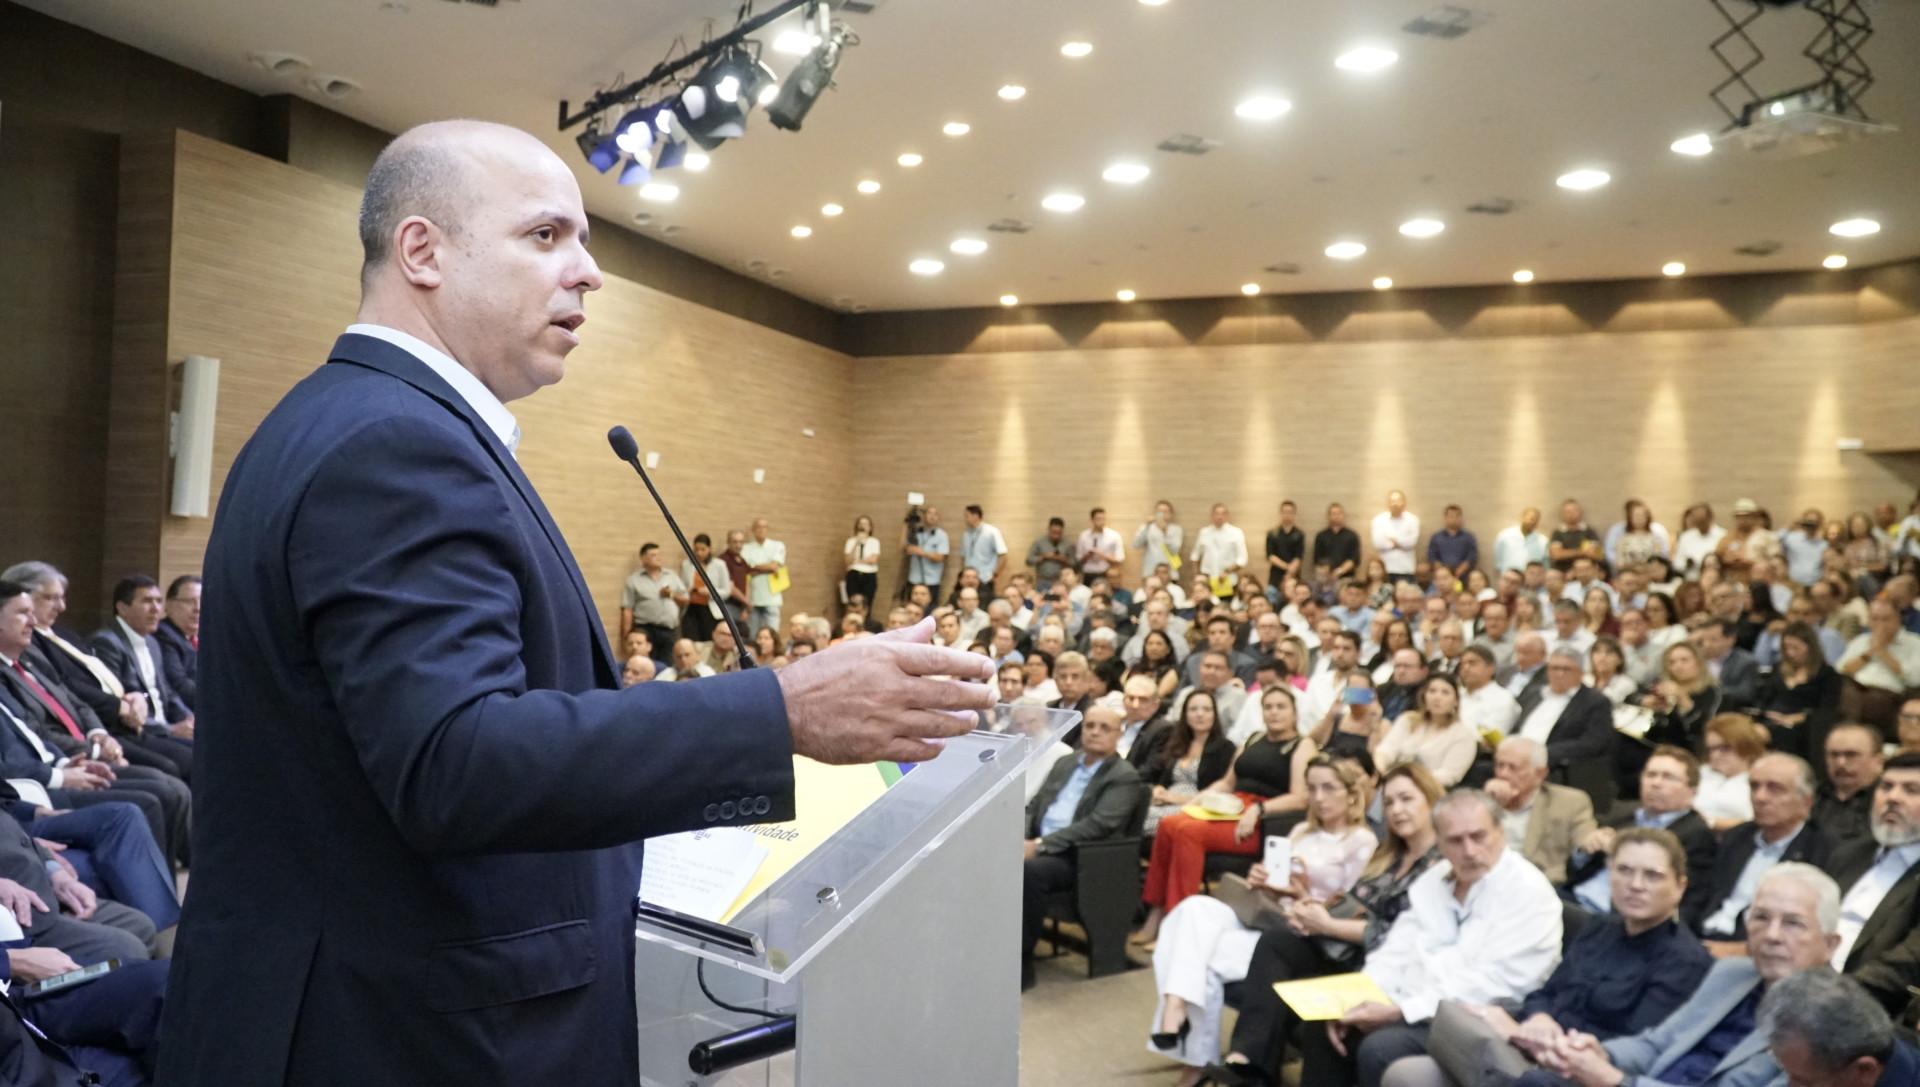 Mais de 900 empreendedores de todos os portes, prefeitos(as), lideranças políticas e empresariais se reúnem para ouvir a mensagem de Carlos da Costa